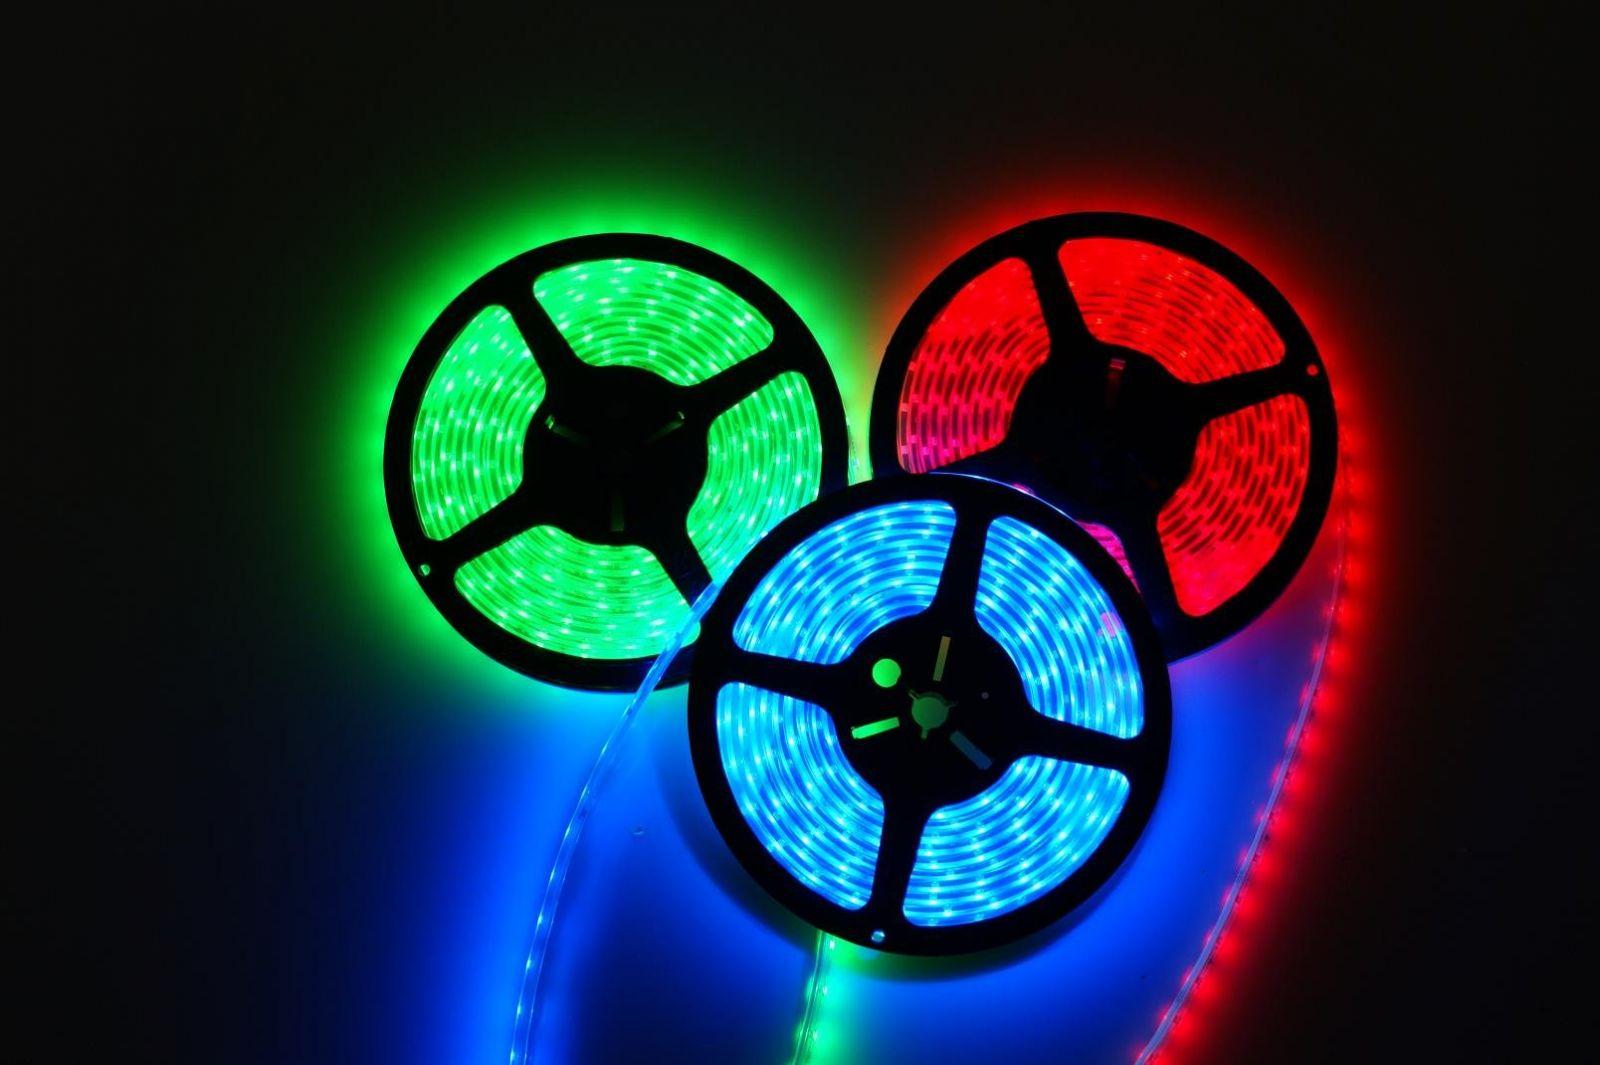 Ленты светодиодные разных цветов